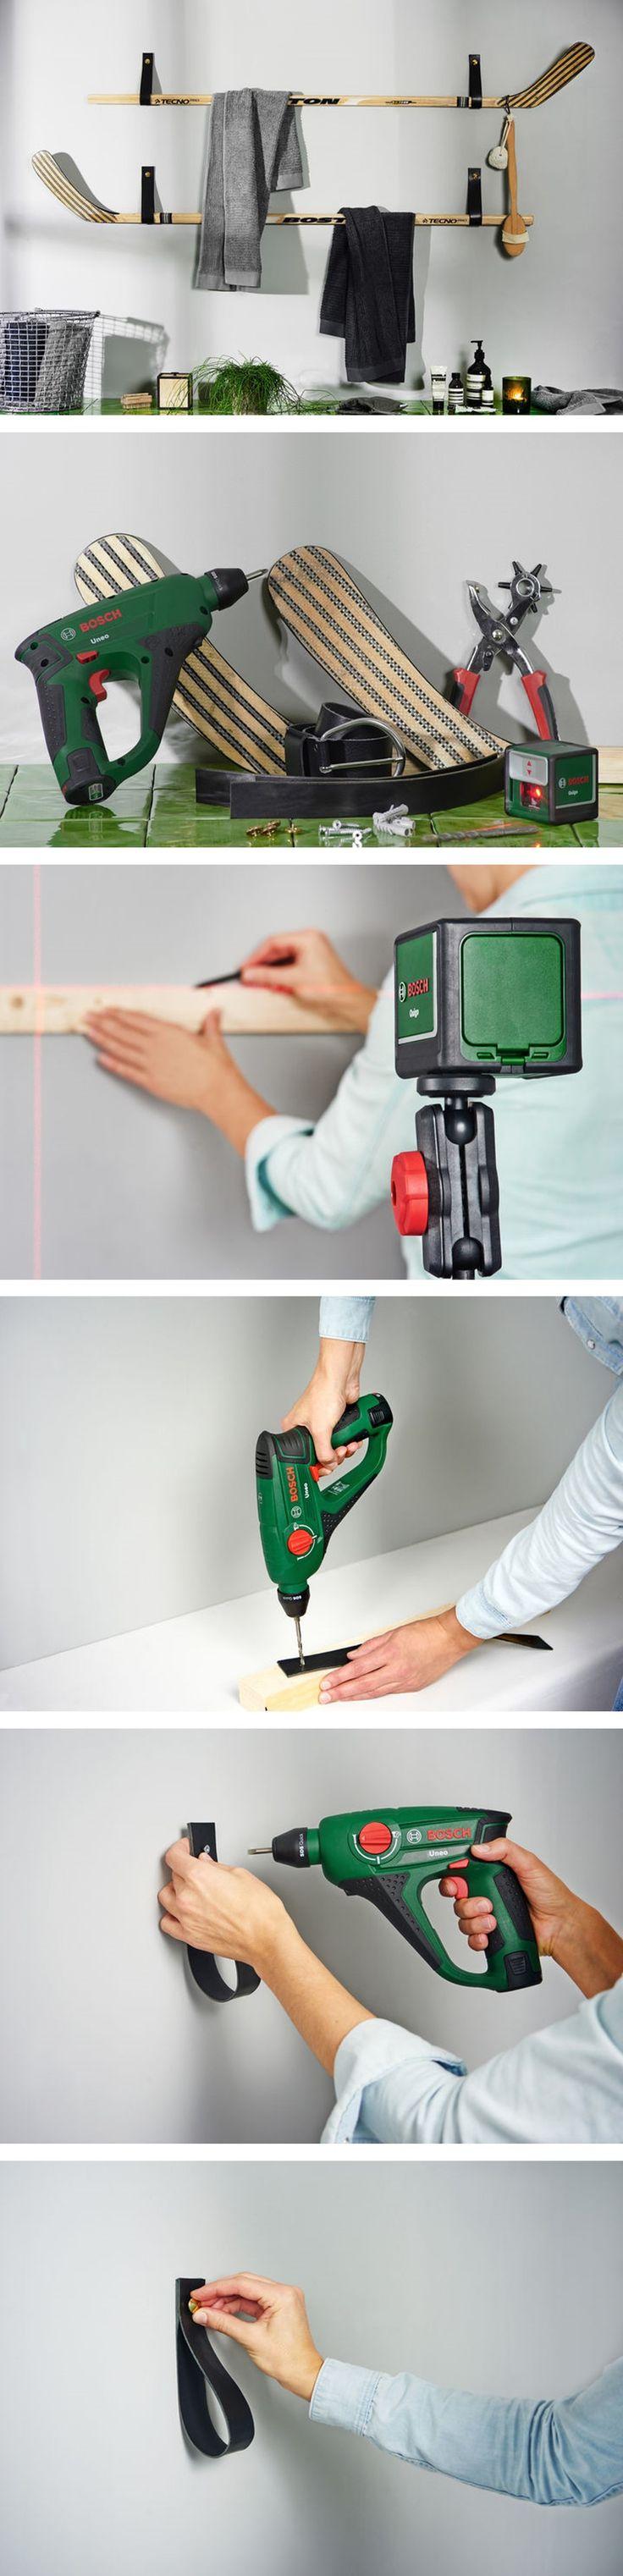 Do-it-Yourself Handtuchhalter aus Hockeyschläger #DIY #Handtuchhalter #Hockeyschläger #Bosch #Selbermachen #Basteln #Handwerken #Galaxus